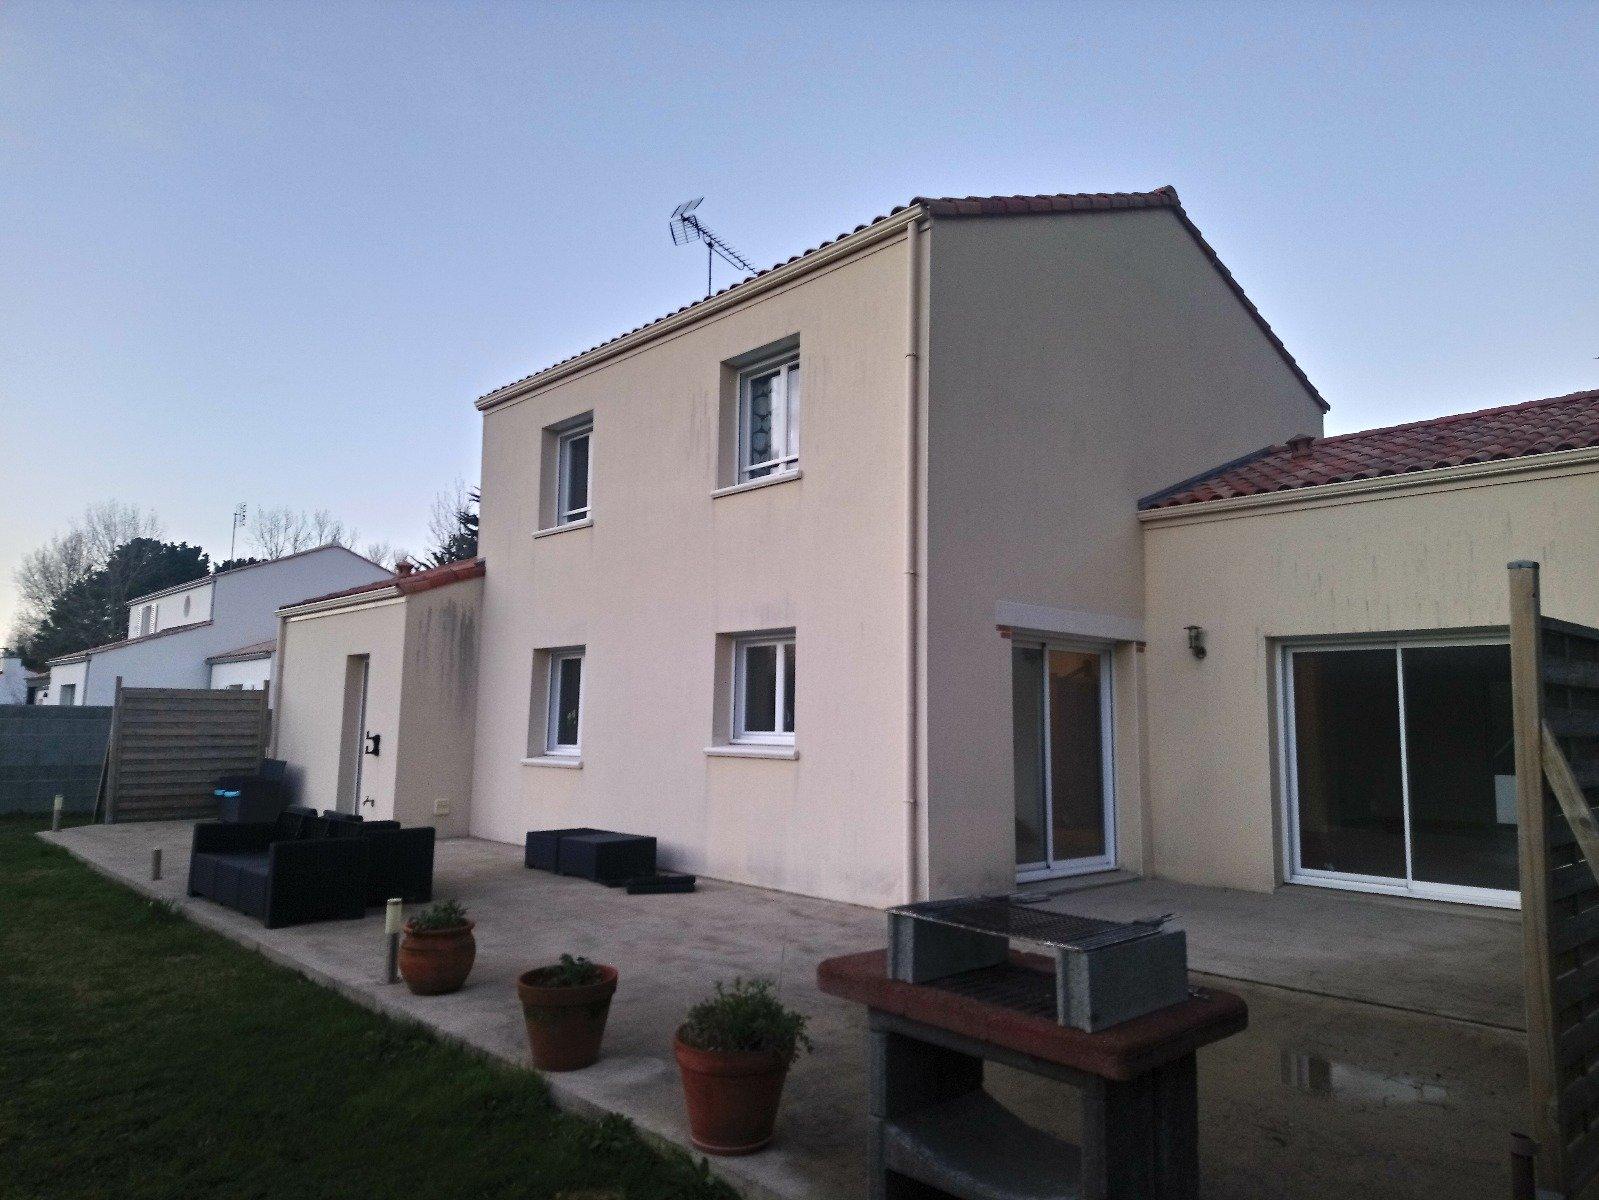 Maison 4 chambres 140 m2 – Saint-Jean-de-Monts